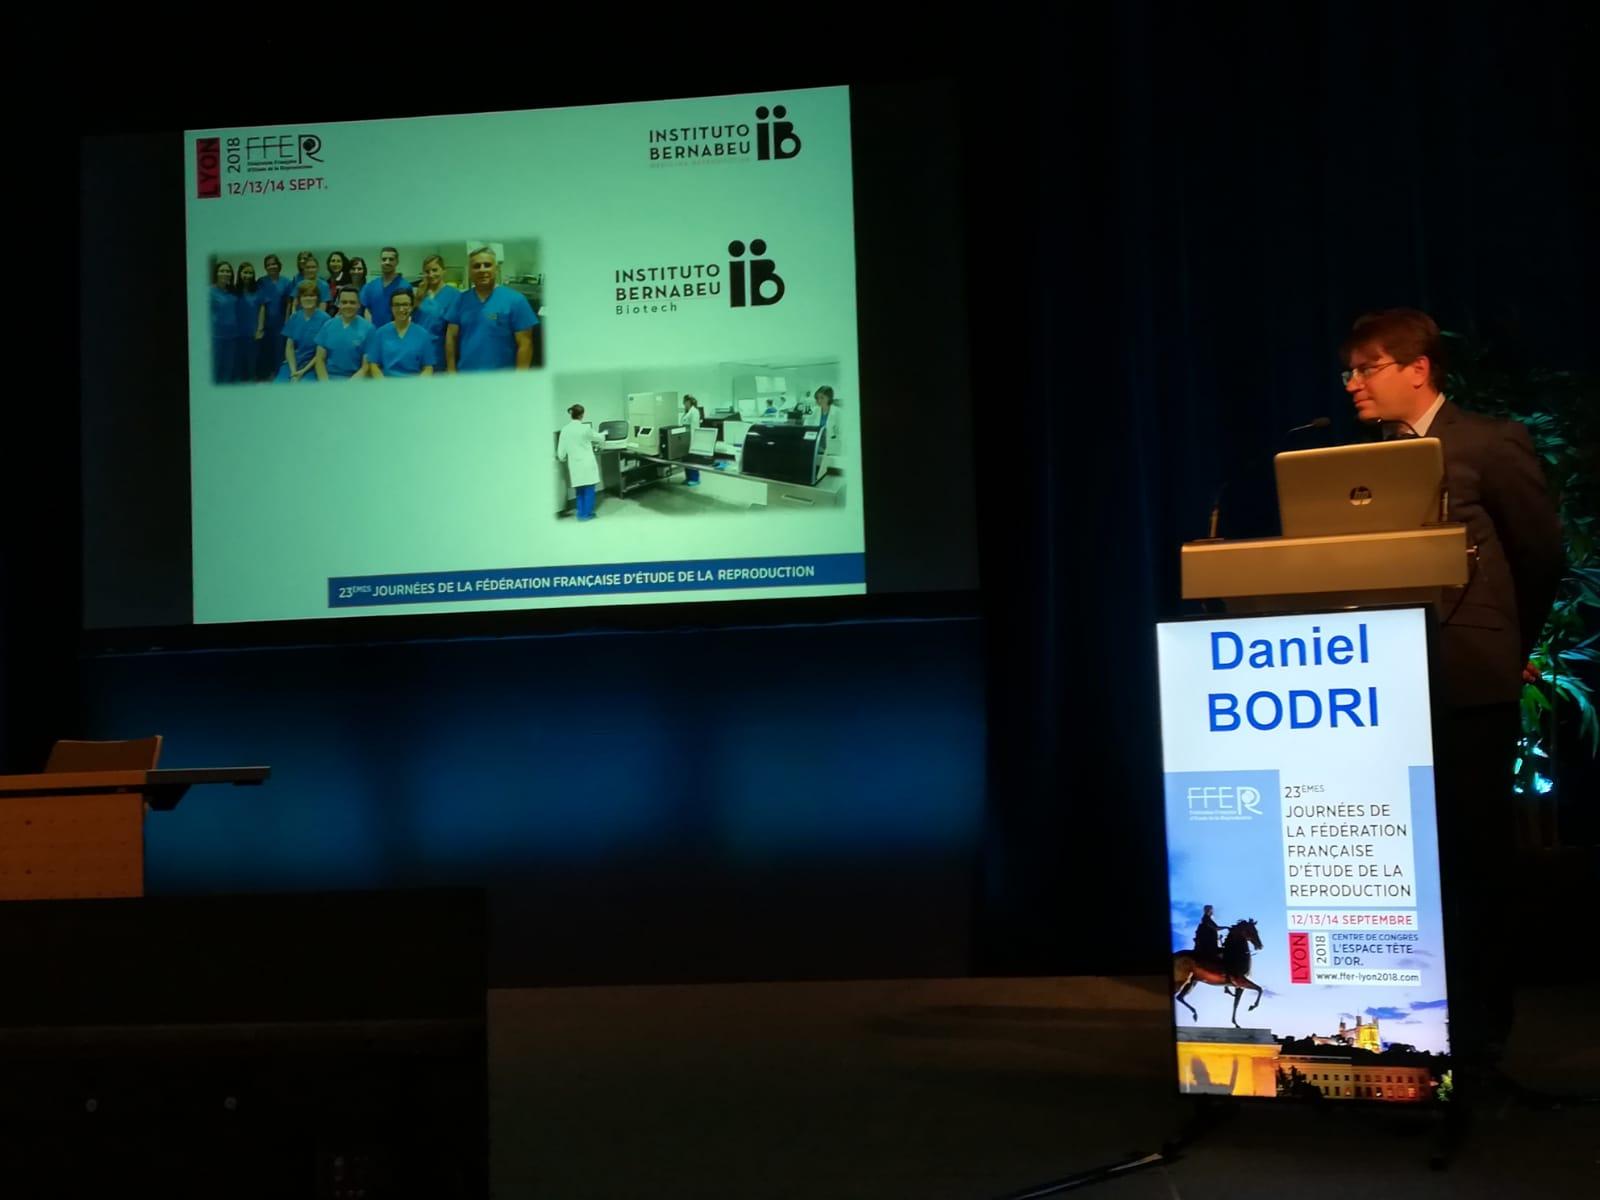 Instituto Bernabeu presenta tres investigaciones científicas al congreso de infertilidad FFER de Francia